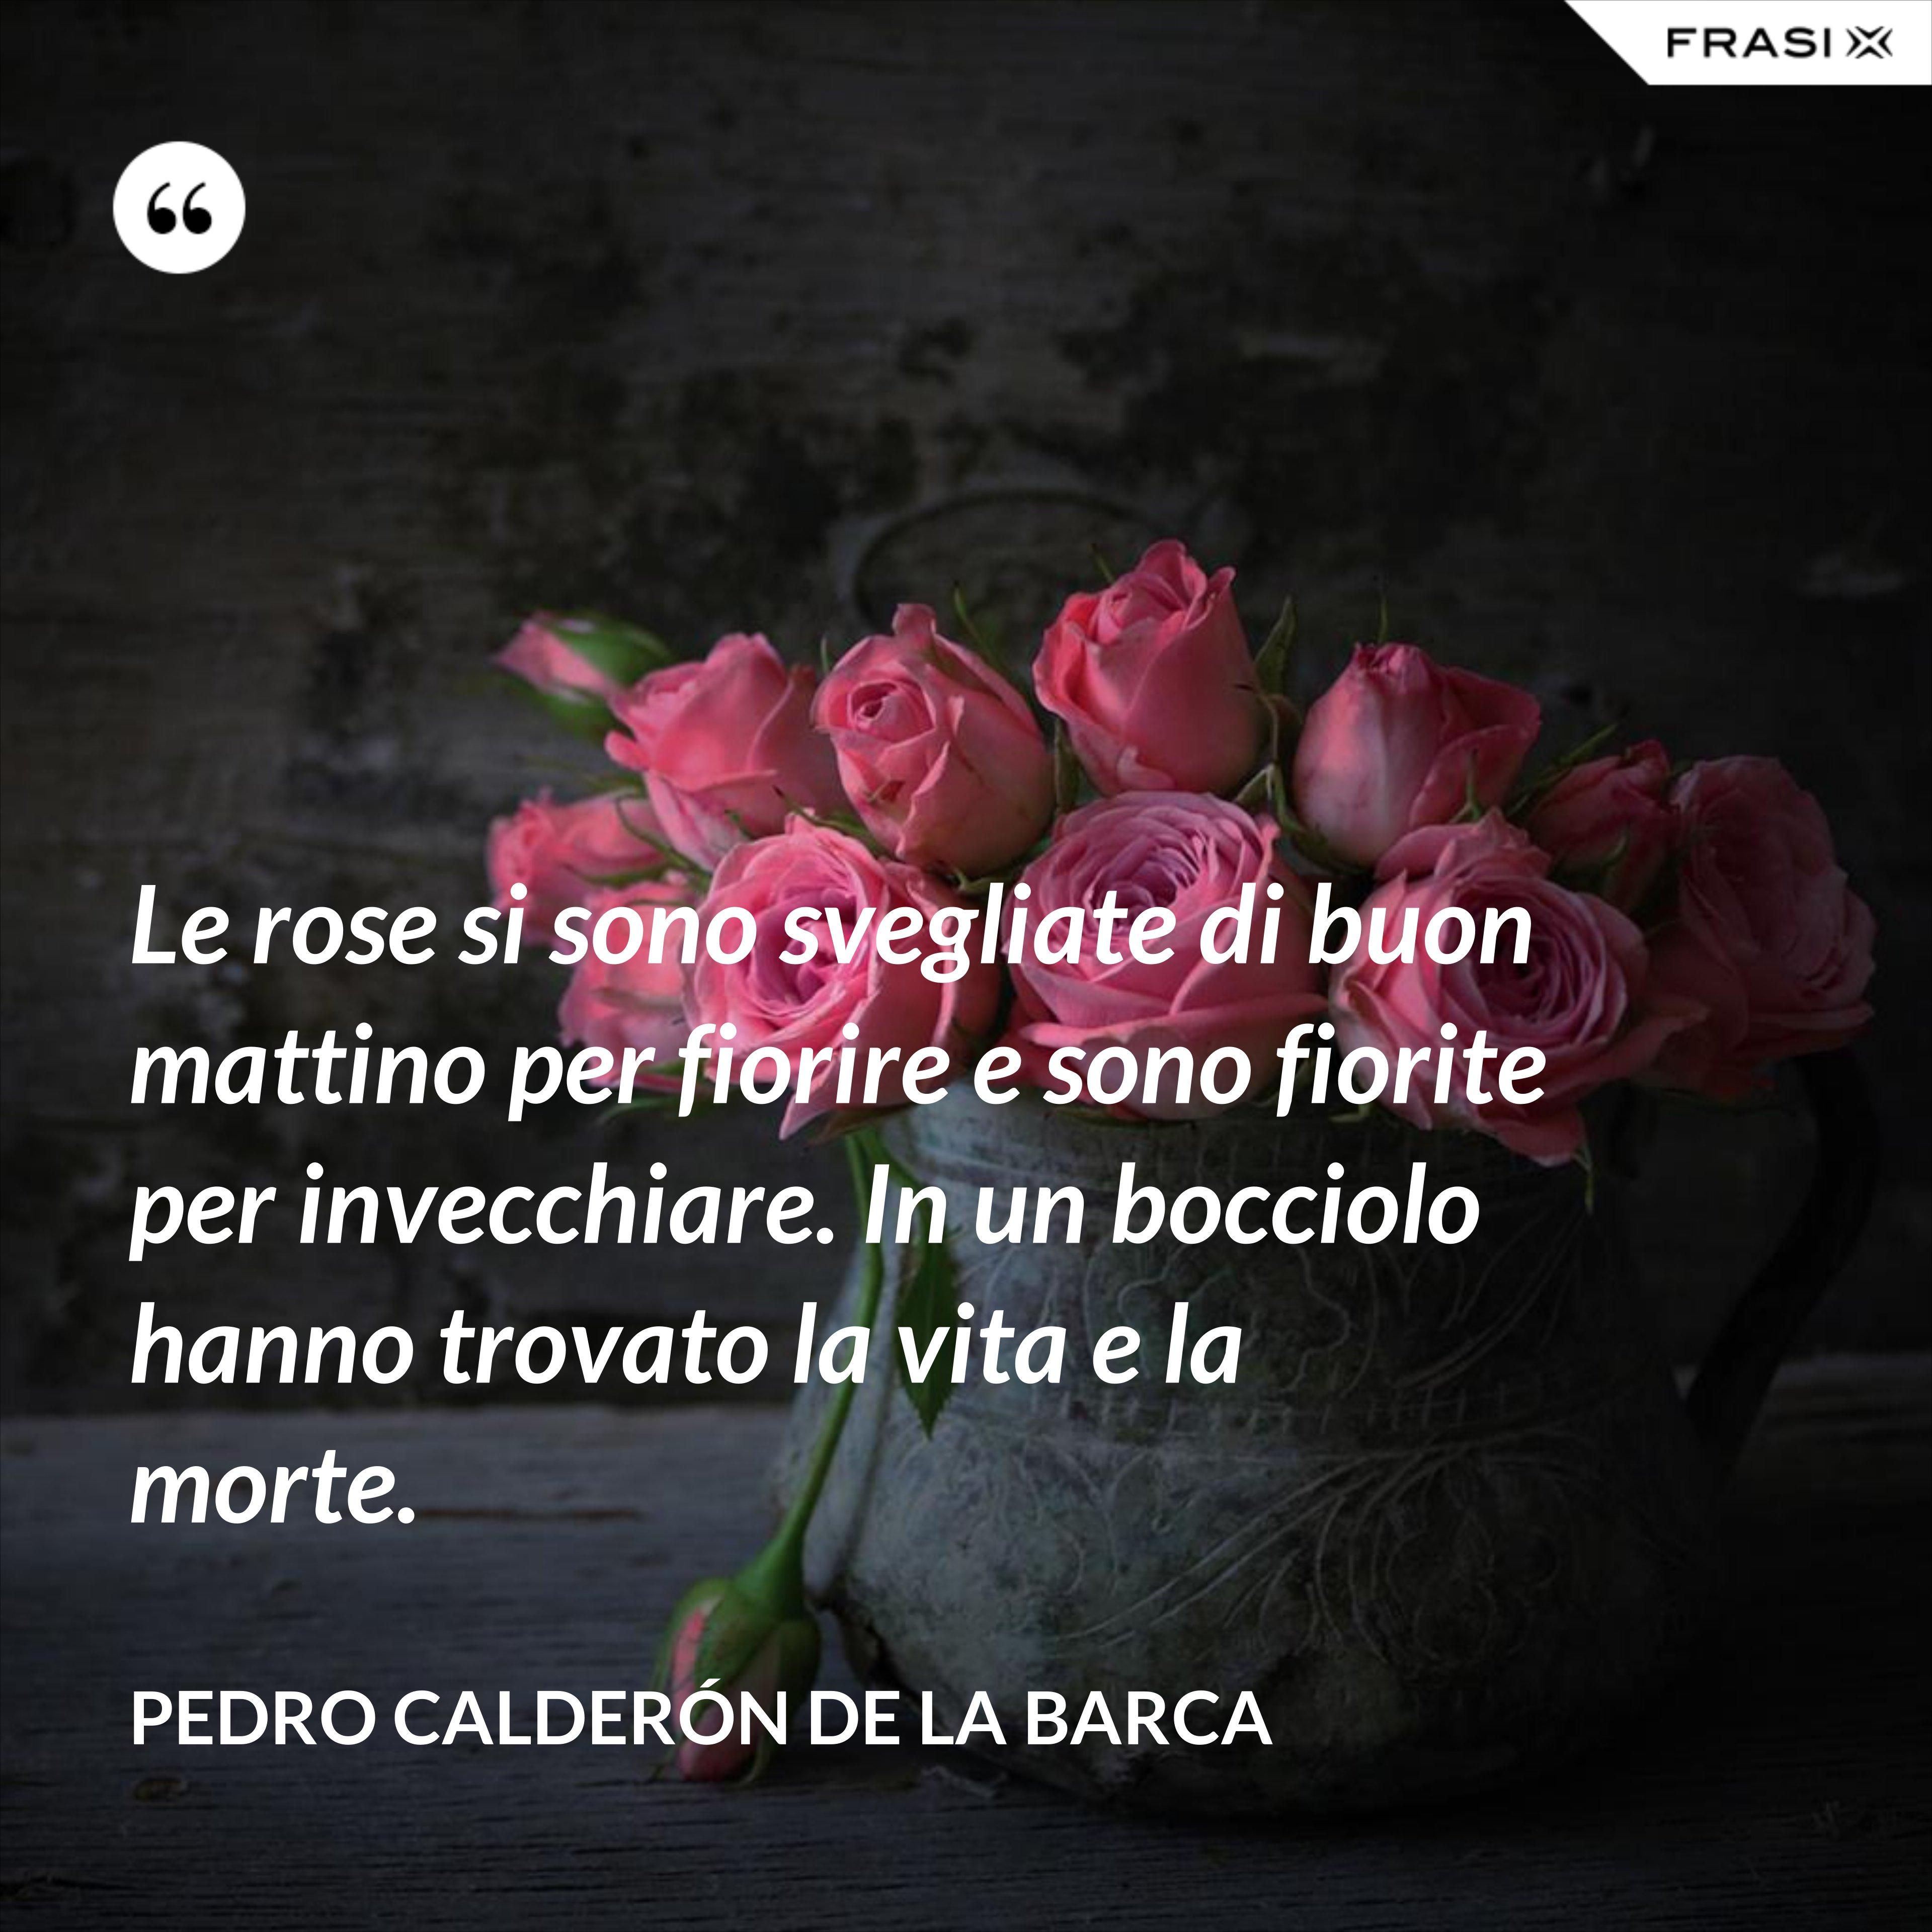 Le rose si sono svegliate di buon mattino per fiorire e sono fiorite per invecchiare. In un bocciolo hanno trovato la vita e la morte. - Pedro Calderón de la Barca